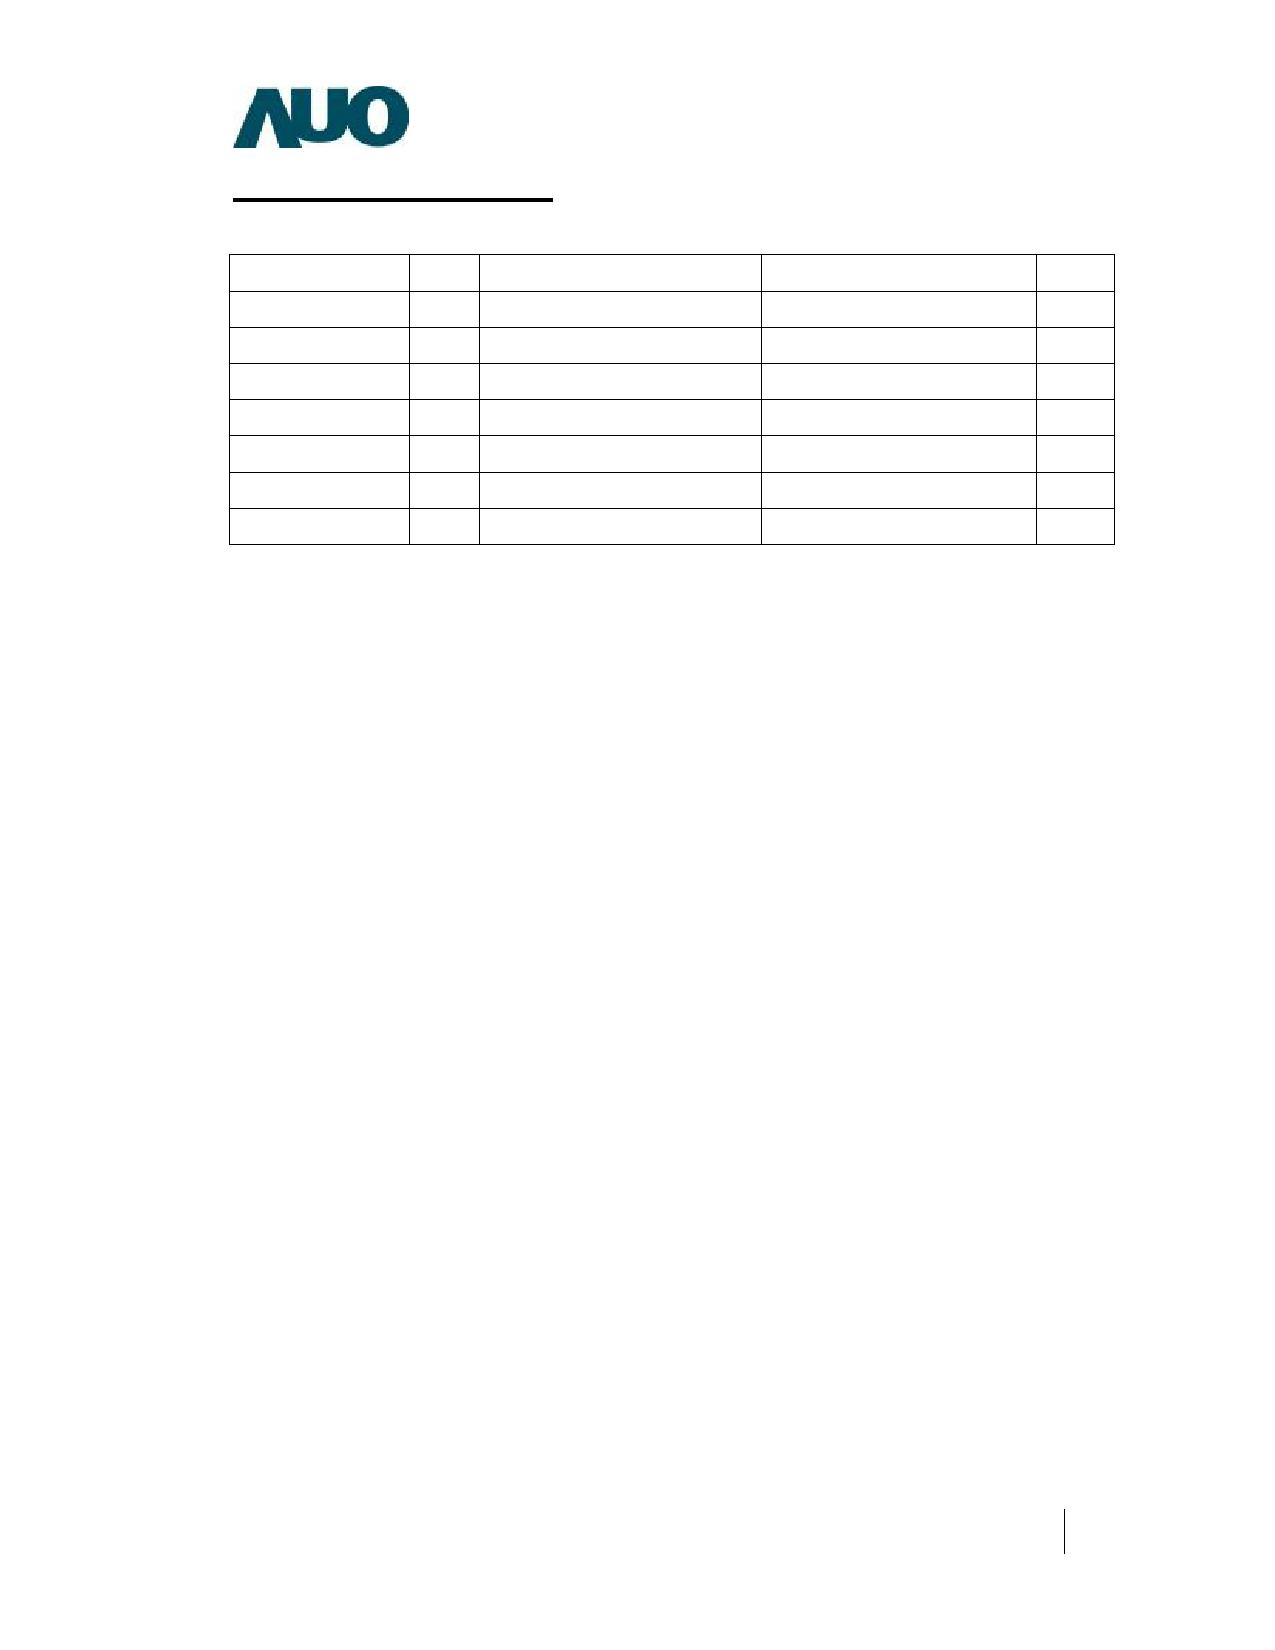 G084SN03-V0 pdf, ピン配列